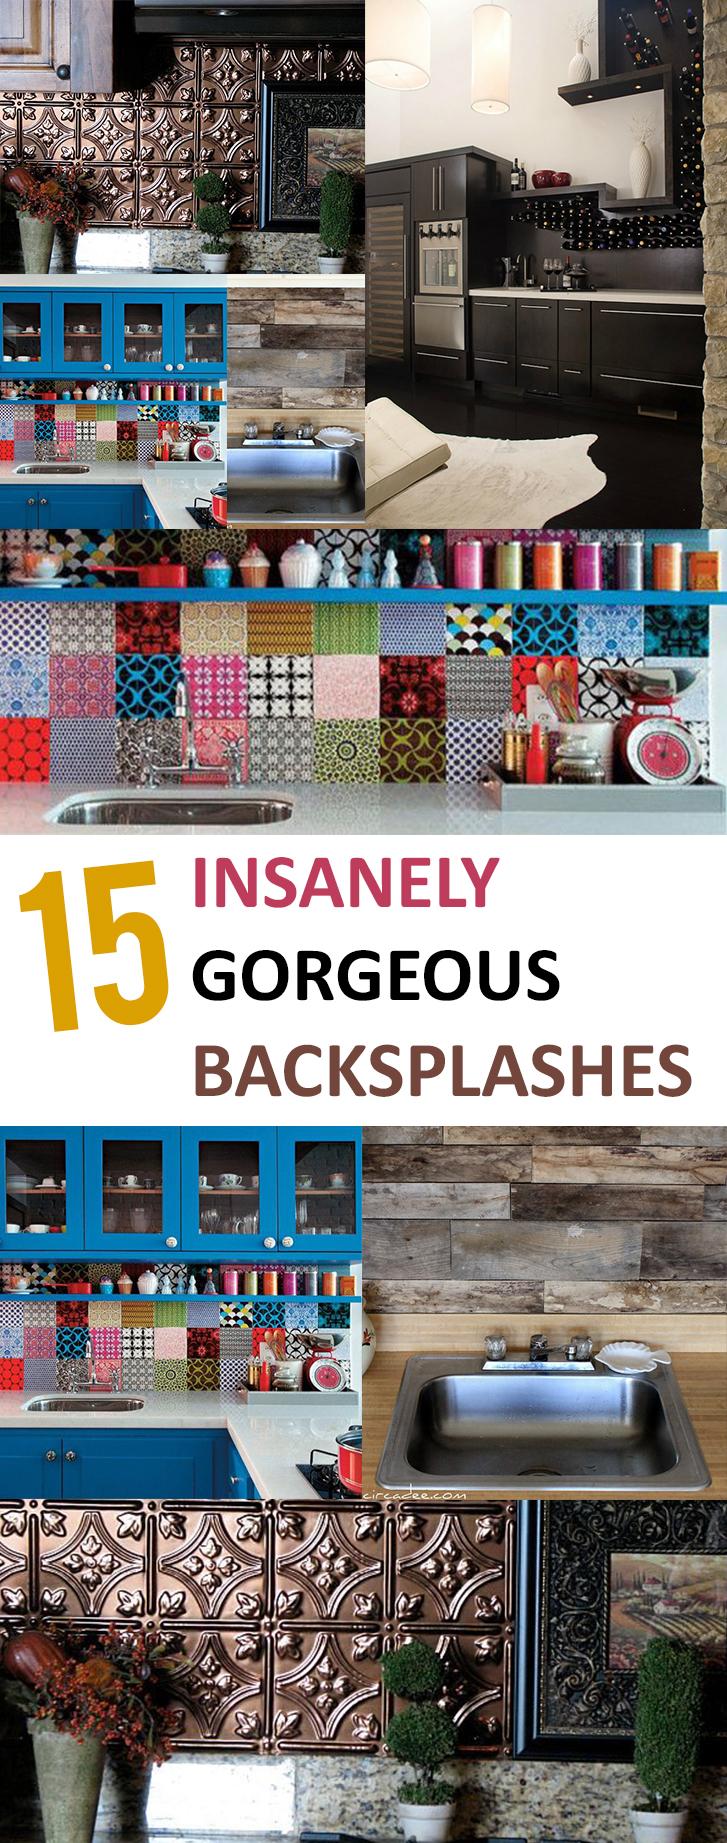 15 Insanely Gorgeous Backsplashes